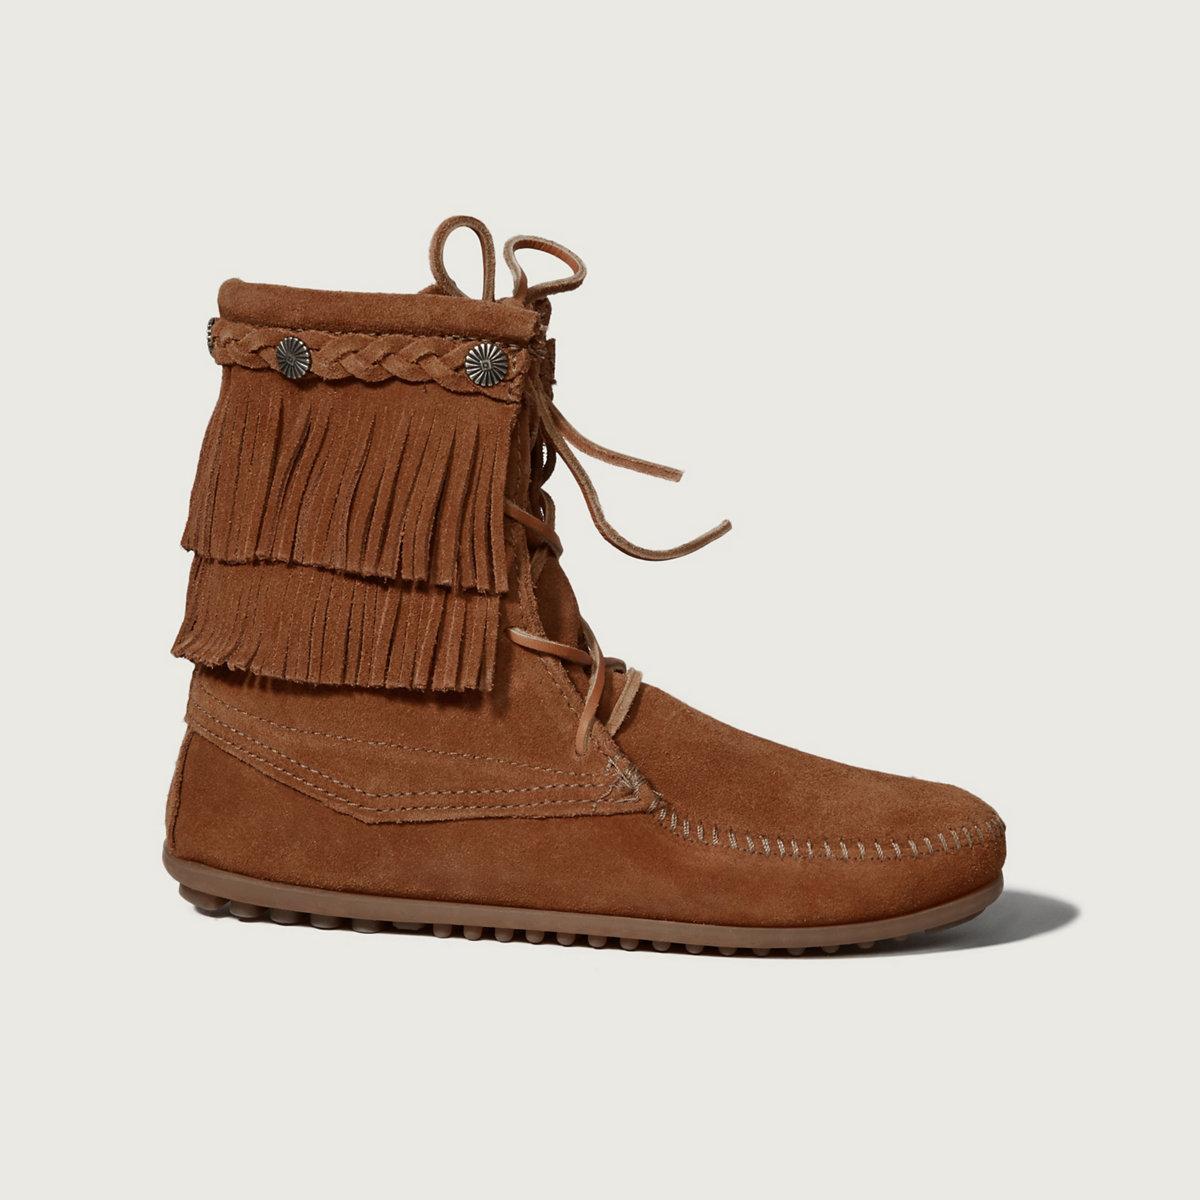 Minnetonka Tramper Ankle Boot